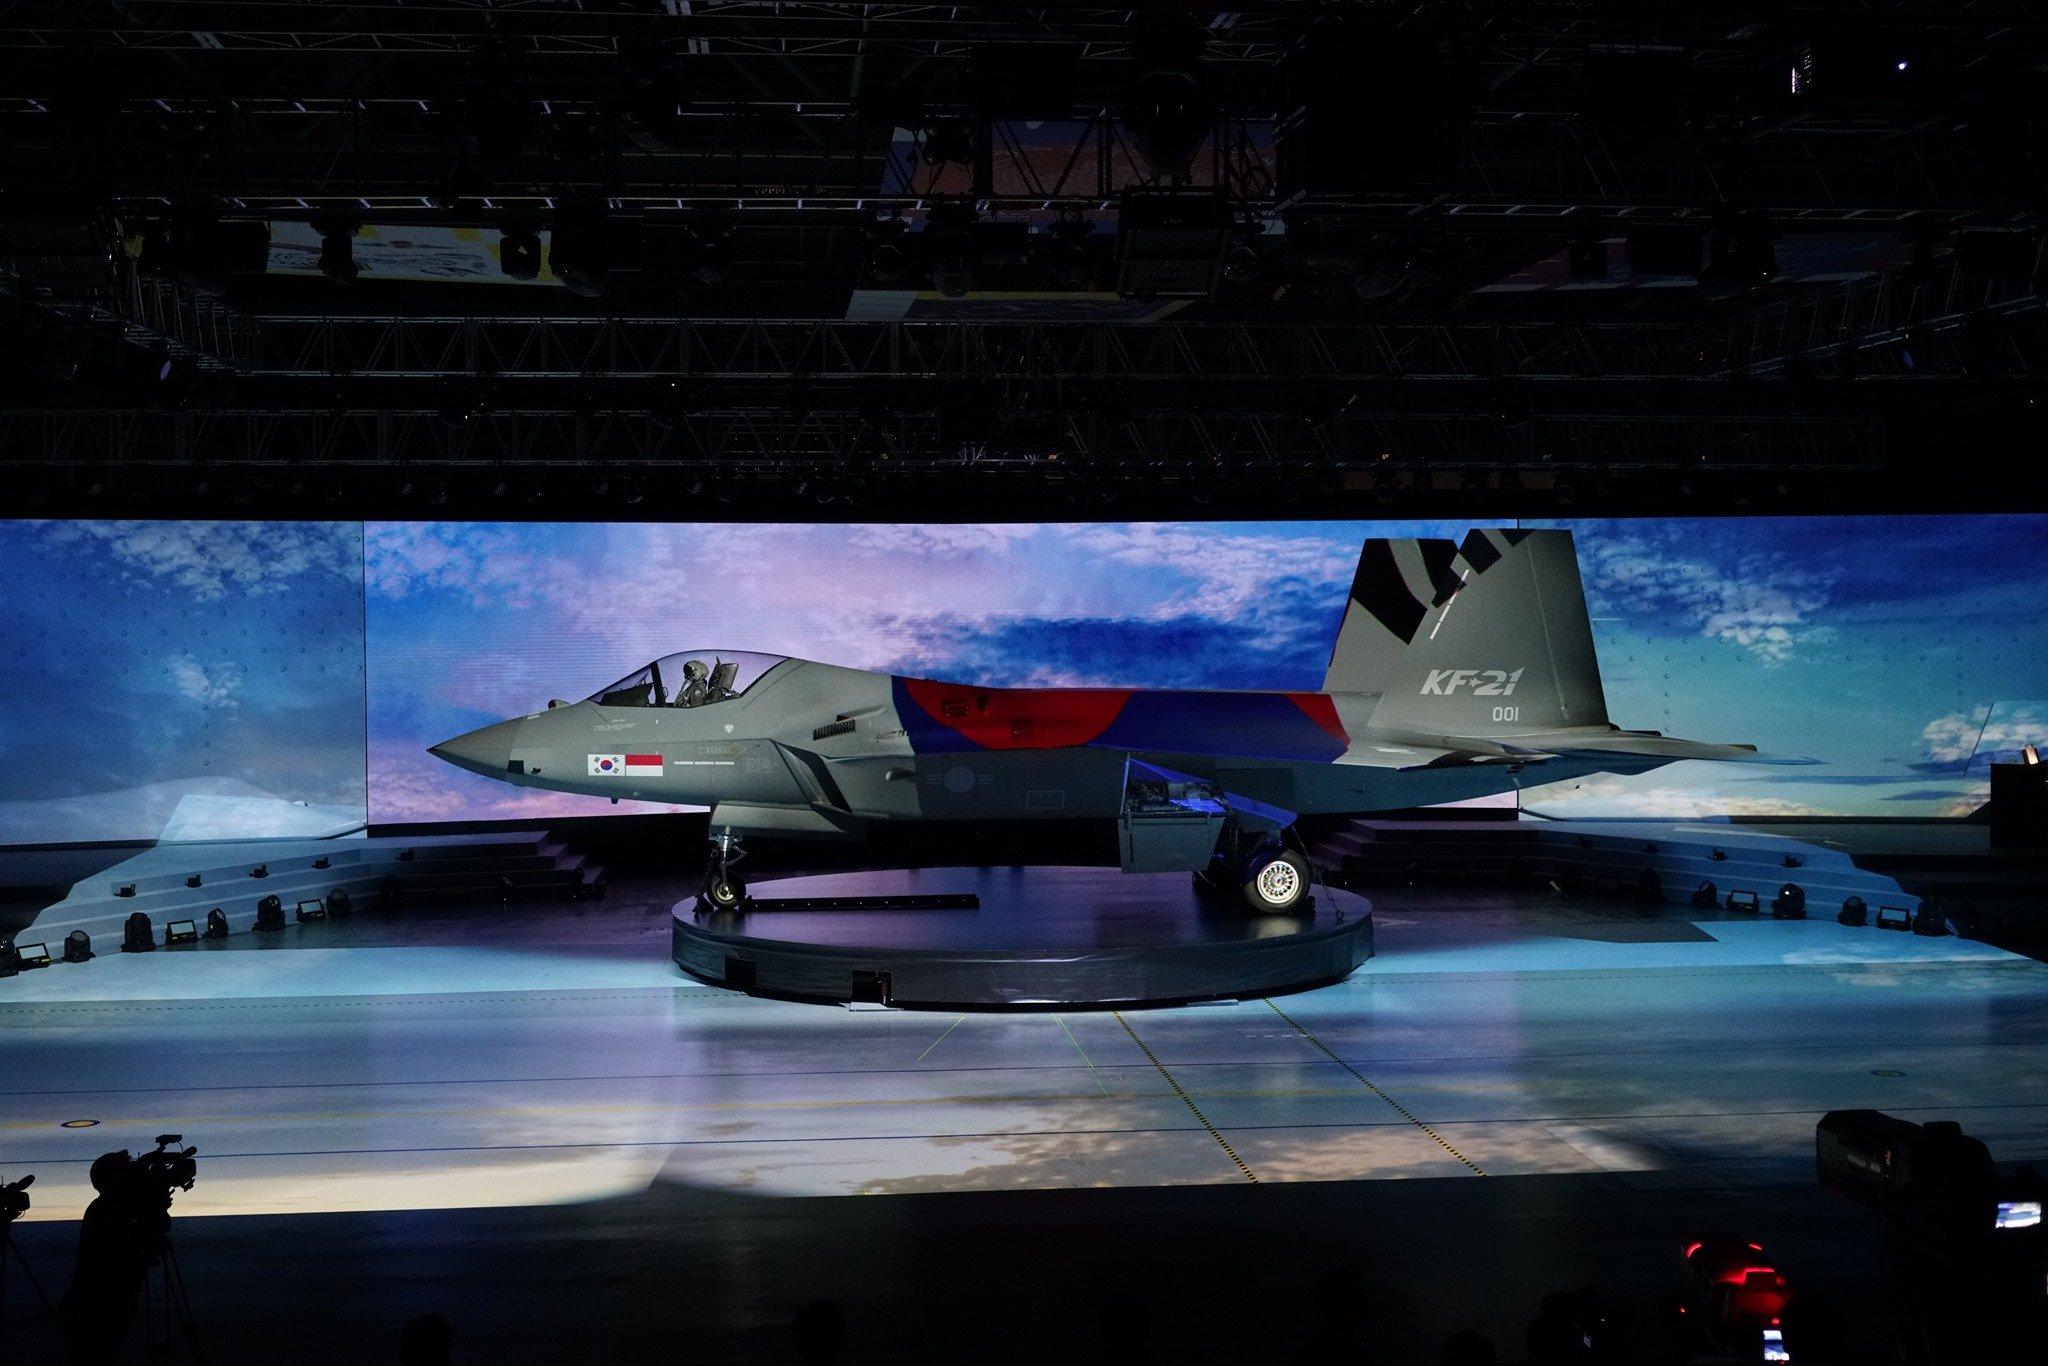 KF-21 Boramae [DAPA]